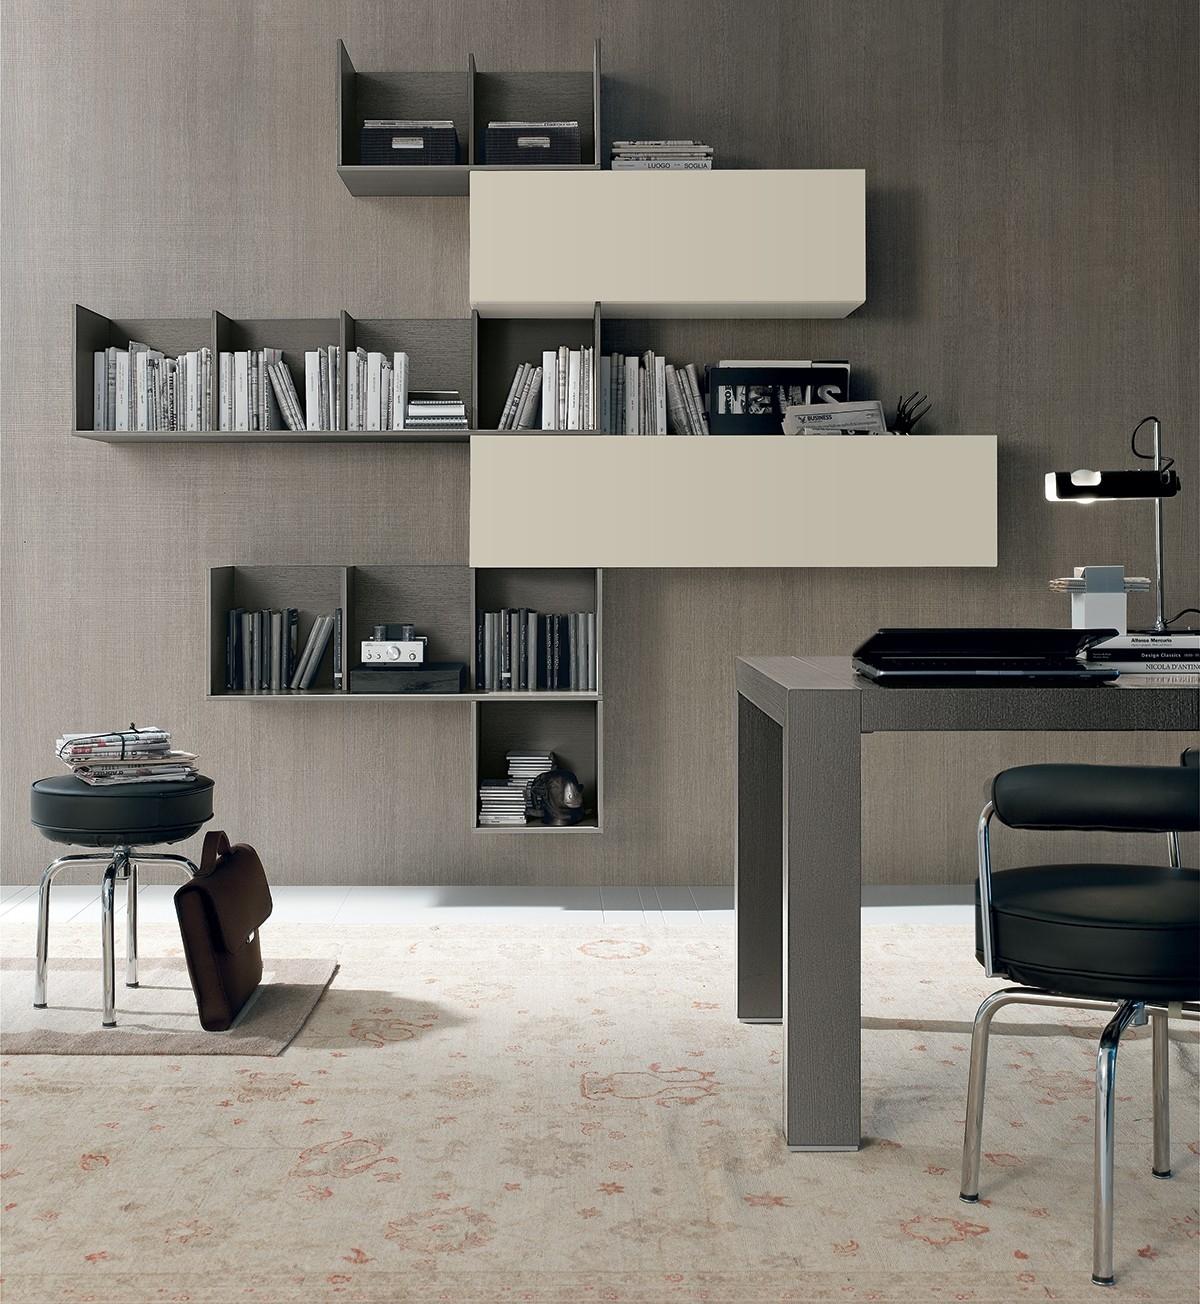 Tomasella libreria moderna componibile soggiorni a for Soggiorni pareti attrezzate